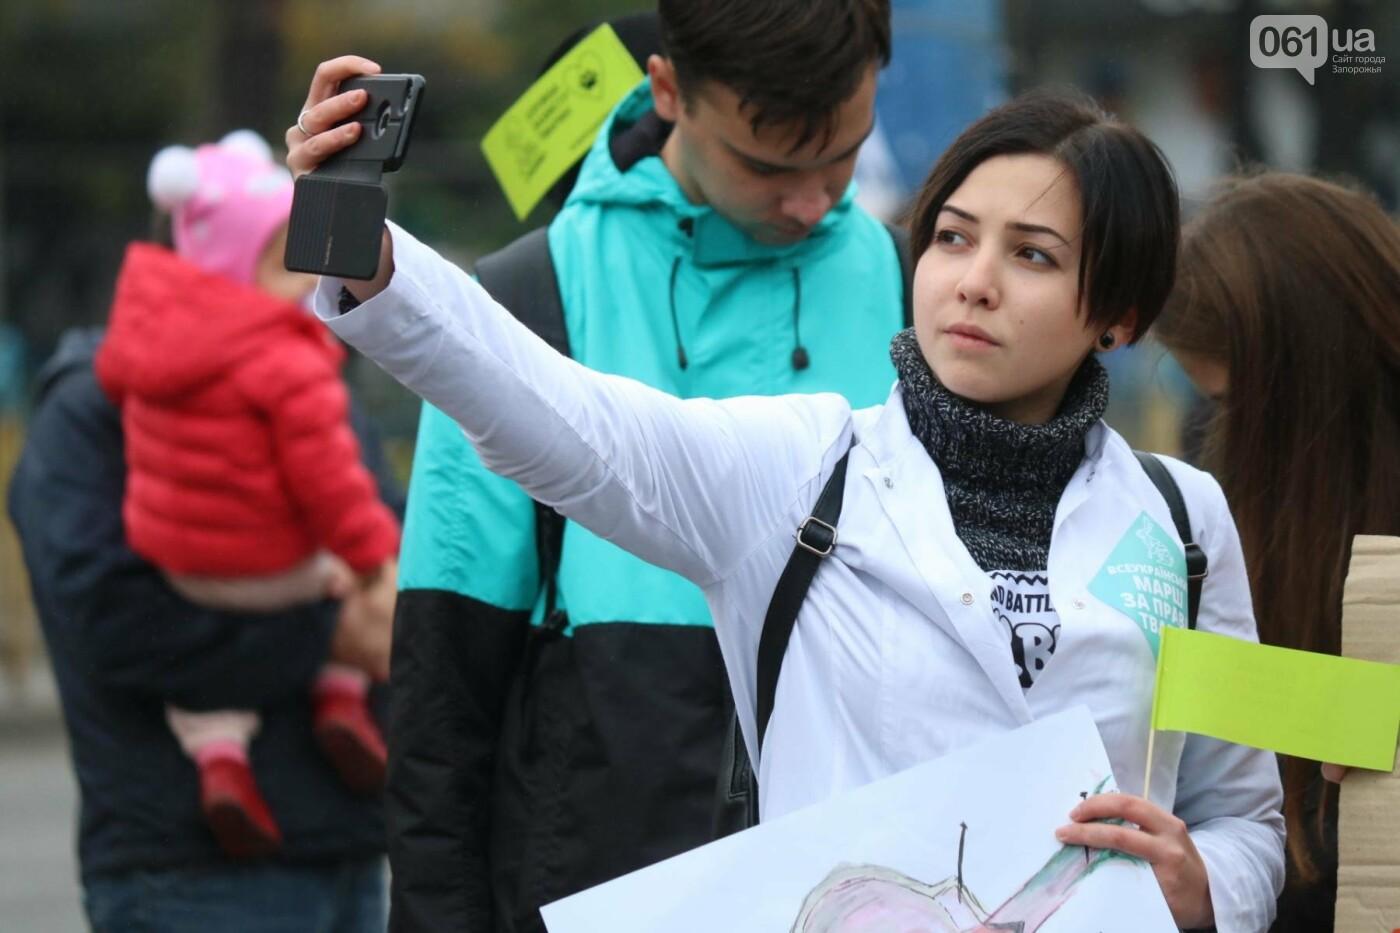 В Запорожье прошел марш за права животных, - ФОТОРЕПОРТАЖ, фото-4